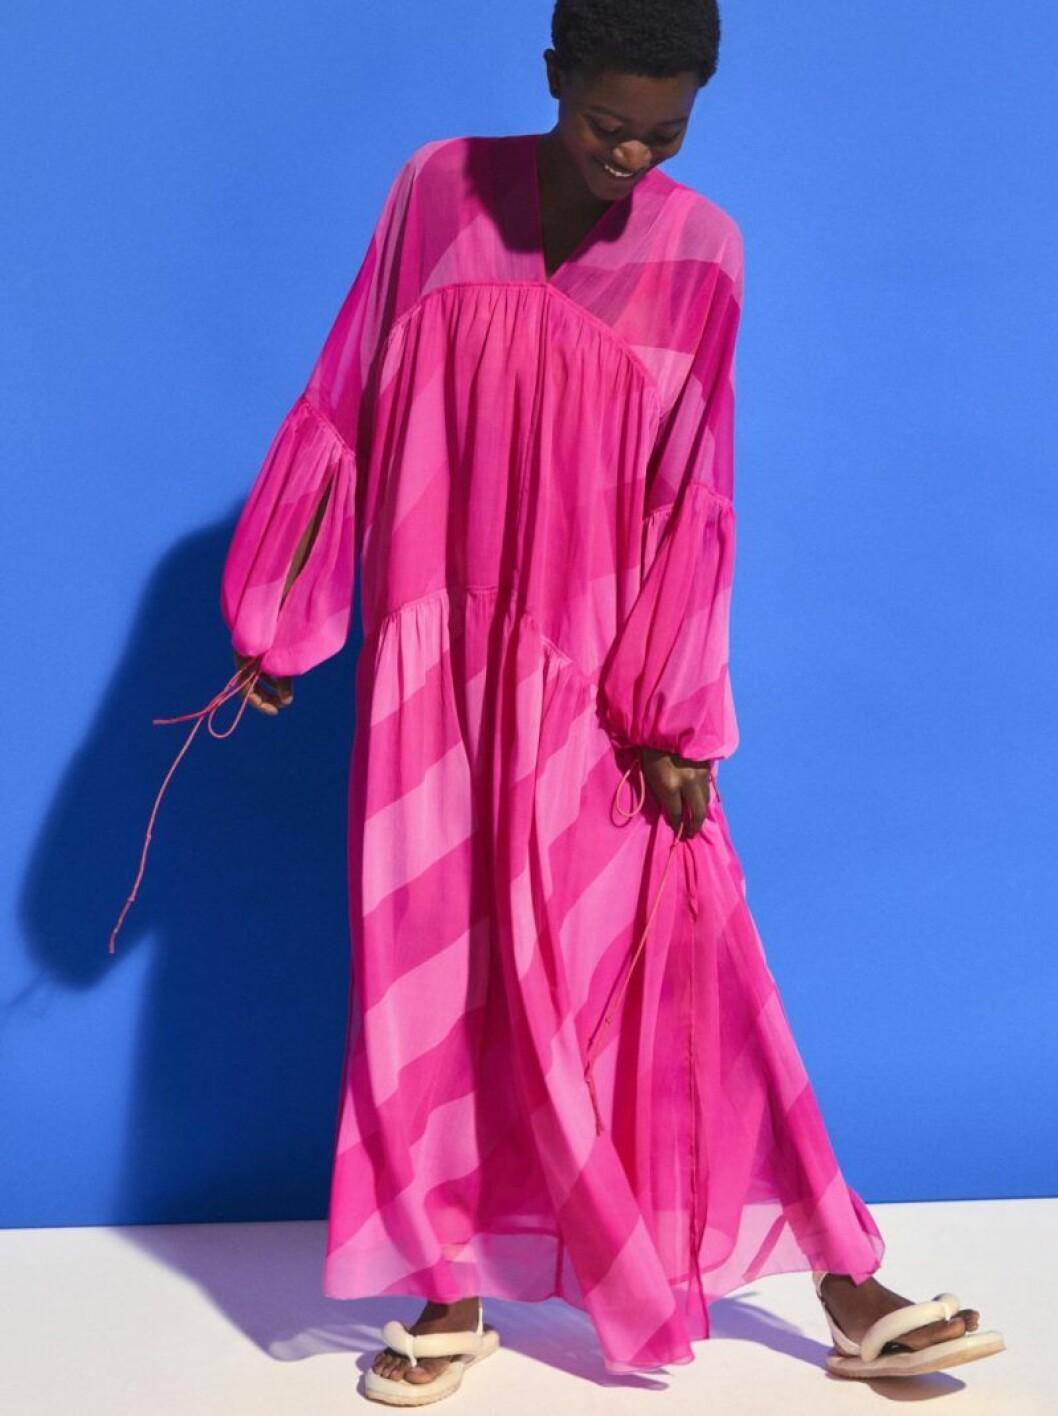 H&M Studio SS20 varmrosa klänning